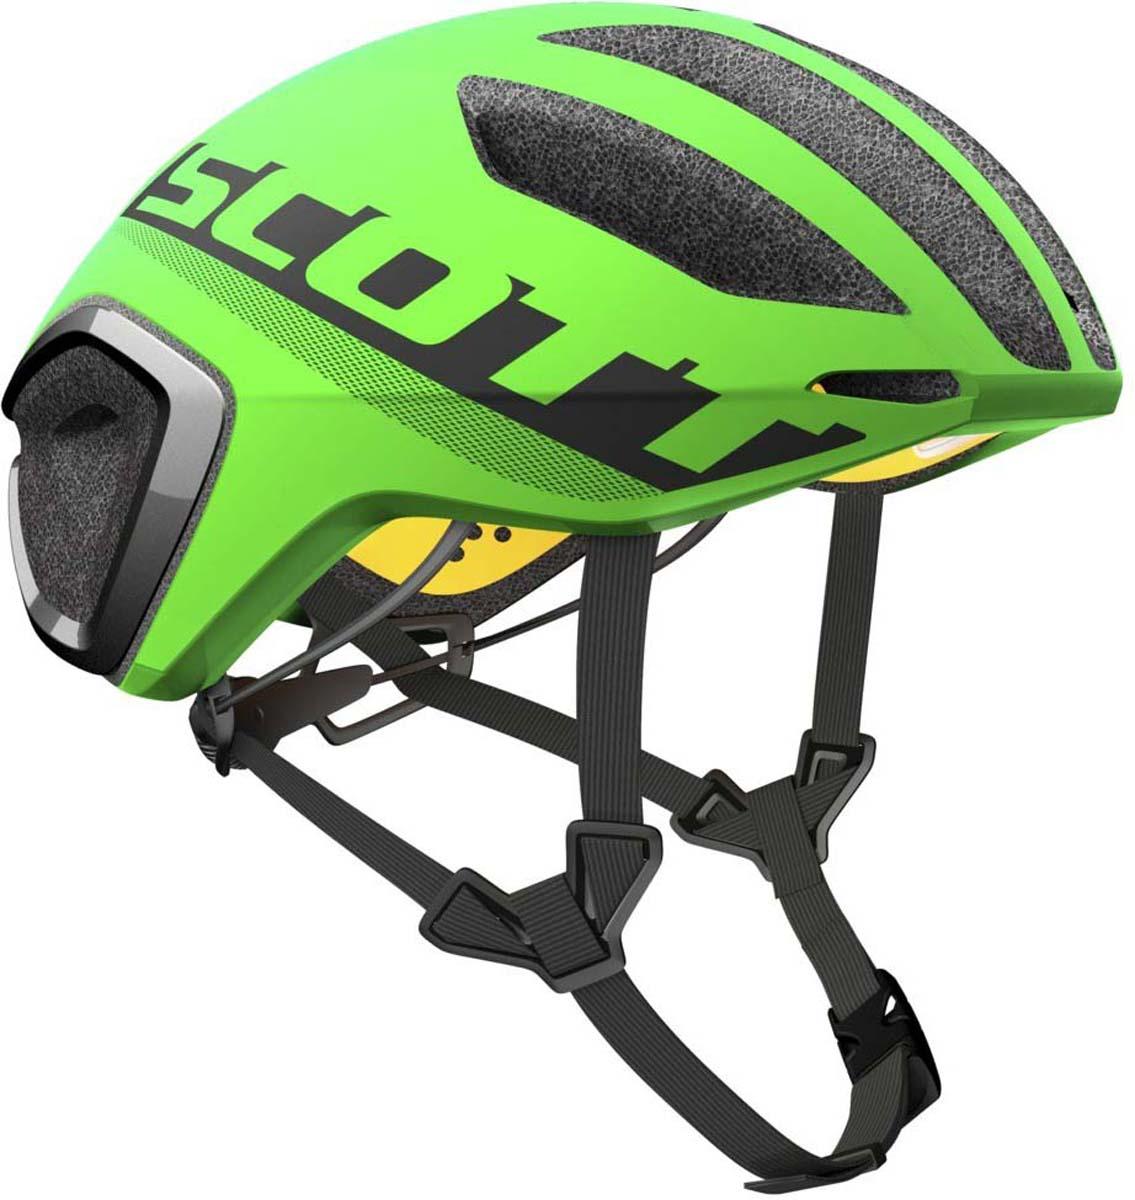 Шлем защитный Scott Cadence Plus, цвет: зеленый, черный. Размер M (55-59)250026-3190Шлем Cadence PLUS был спроектирован и разработан профессиональными спортсменами в гонках по шоссе и триатлетами мирового уровня. Шлем сочетает в себе превосходную аэродинамику с непревзойденным уровнем комфорта и вентиляции. Технология MIPS защищает мозг от сотрясения во время падений. SCOTT AIR предлагает новый уровень комфорта благодаря оптимальной вентиляции. Мы использовали весь наш имеющийся опыт, чтобы создать один из самых эффективных шлемов с точки зрения аэродинамики и вентиляции. Особенности:- Оптимизированная аэродинамика.- Технологии MIPS и SCOTT AIR.- Оптимизированная вентиляция.- Антибактериальные проставки X-Static.- AERO Plugs, технология, позволяющая еще больше повысить аэродинамику.Конструкция: In-Mold Technology (прессованный пенопласт), PC Micro Shell (пластиковая накладка).Система фиксации: HALO.